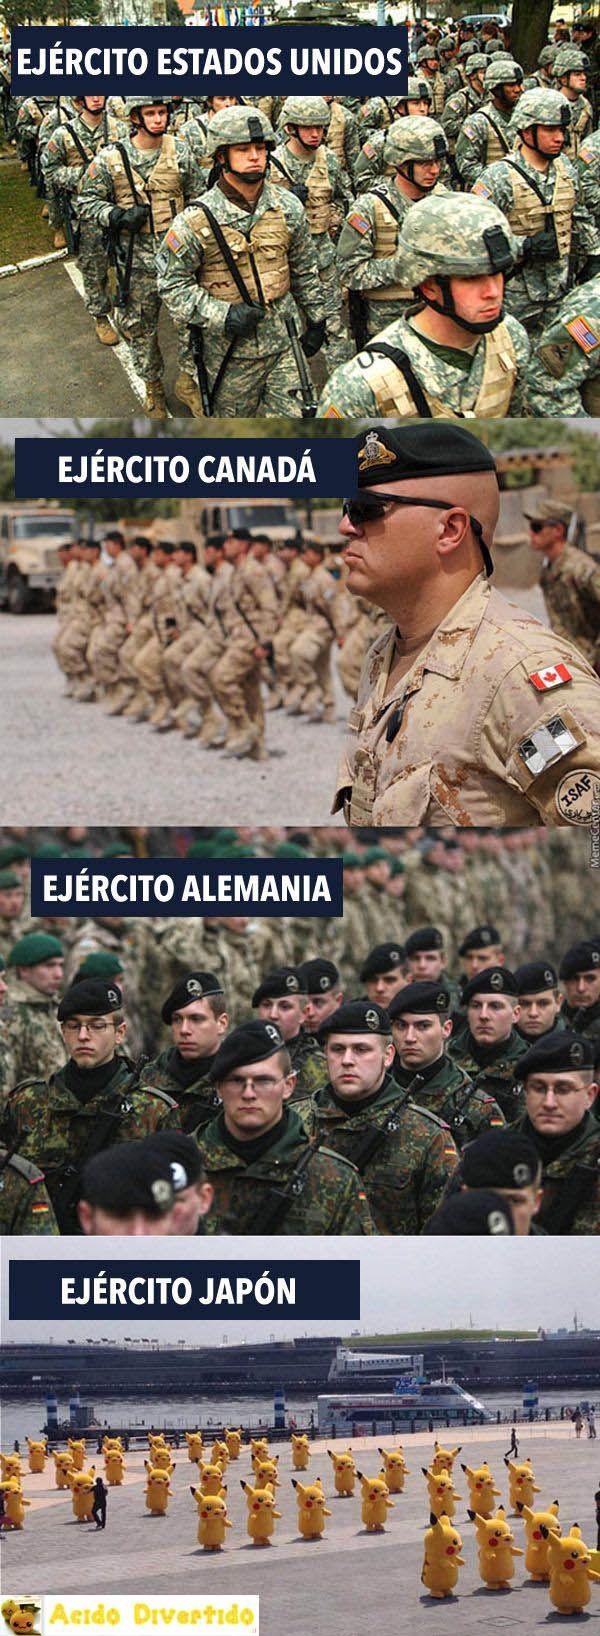 Ejércitos del mundo